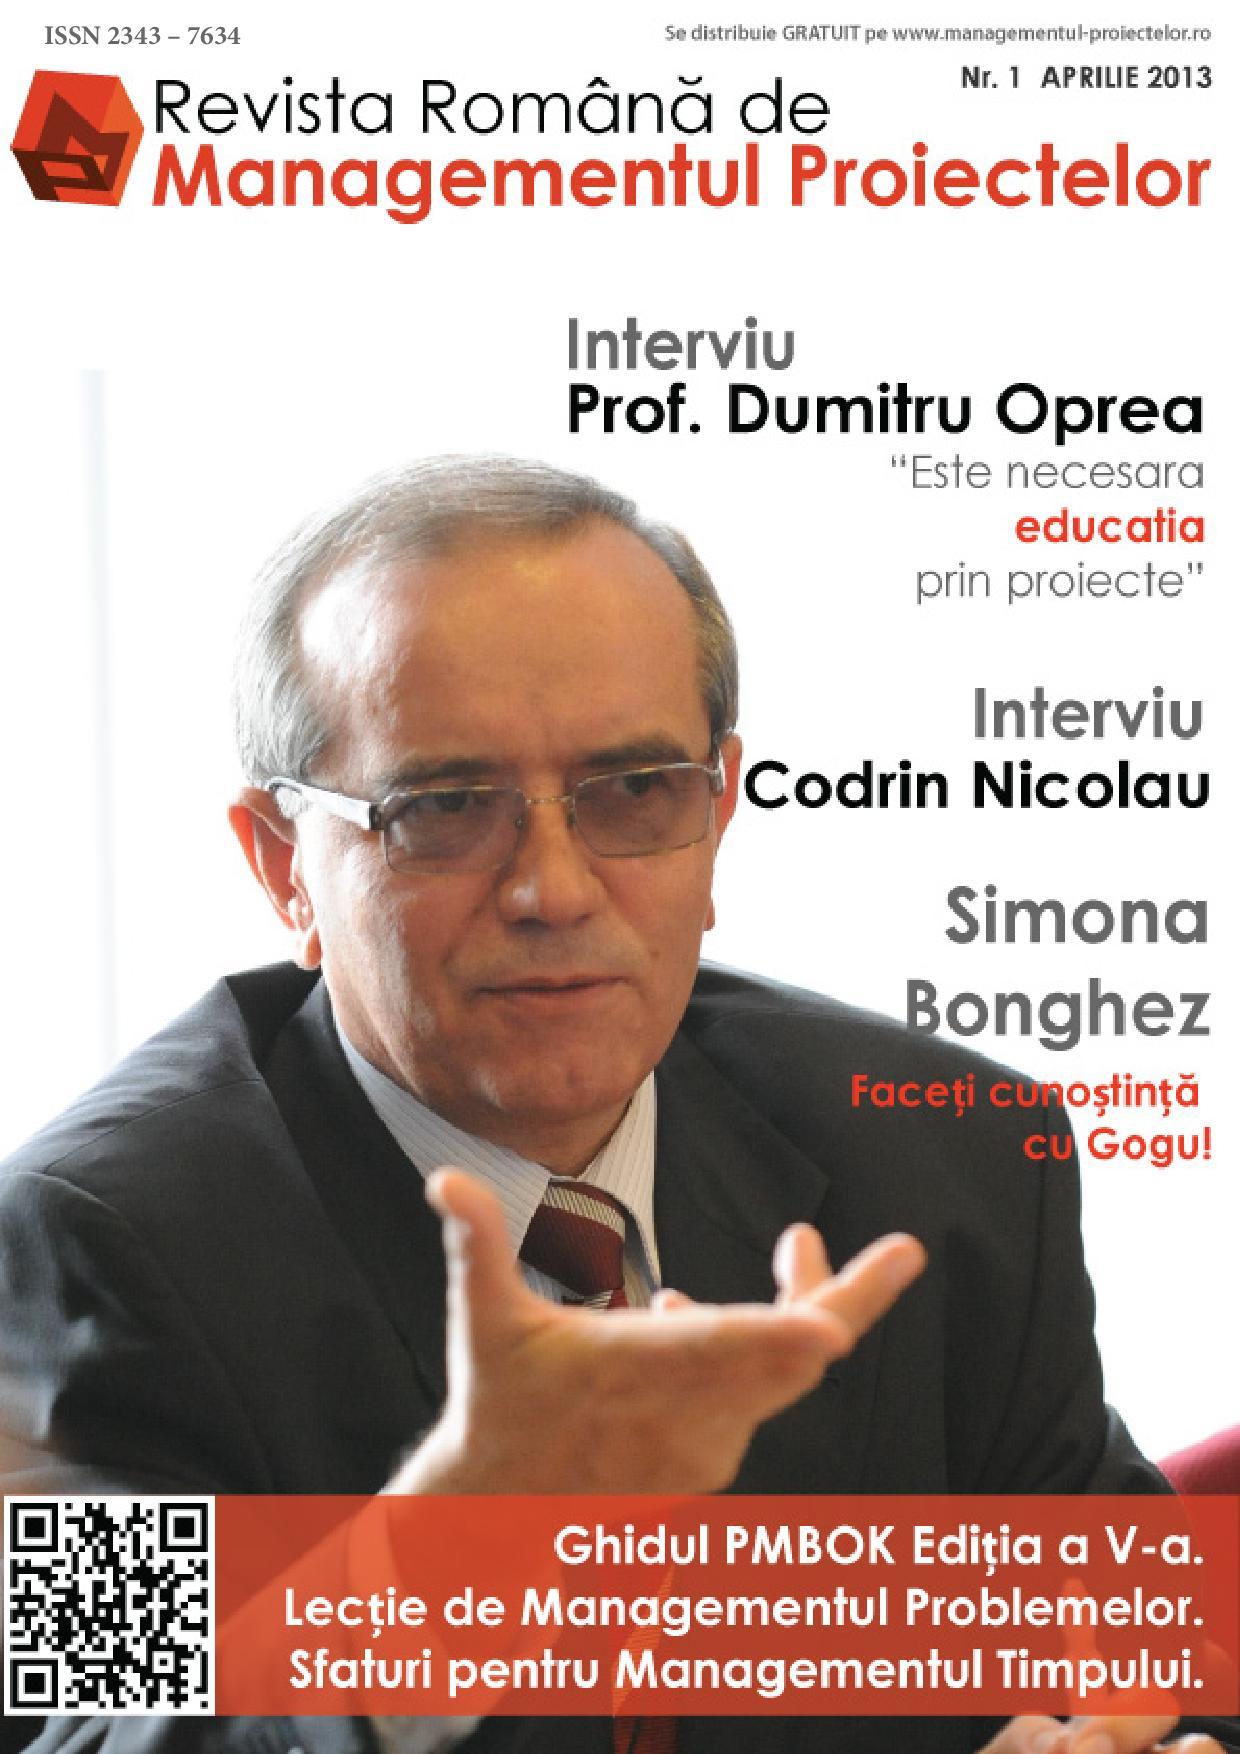 Revista Romana de Managementul Proiectelor Nr.1 Aprilie 2013